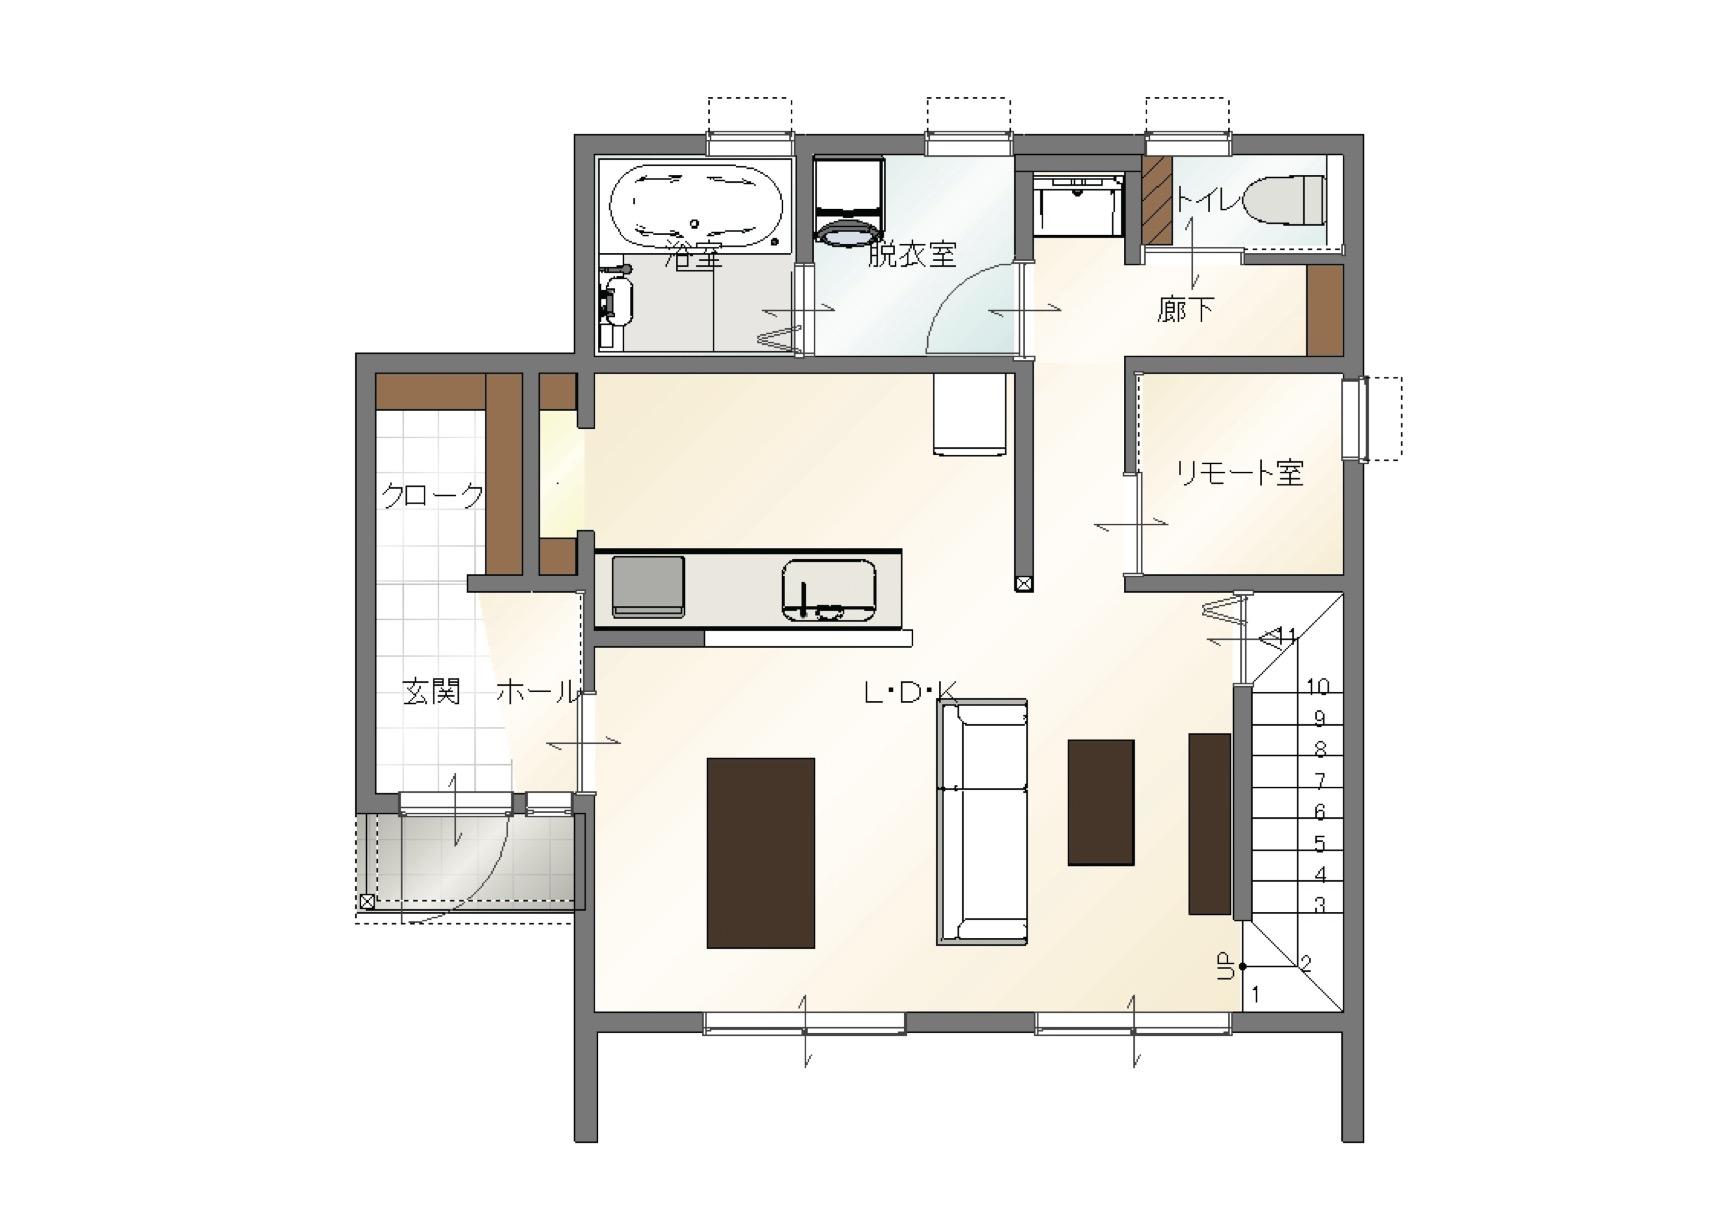 大分市中戸次デザイン分譲住宅 中戸次の家-Ⅰ棟 間取り1階